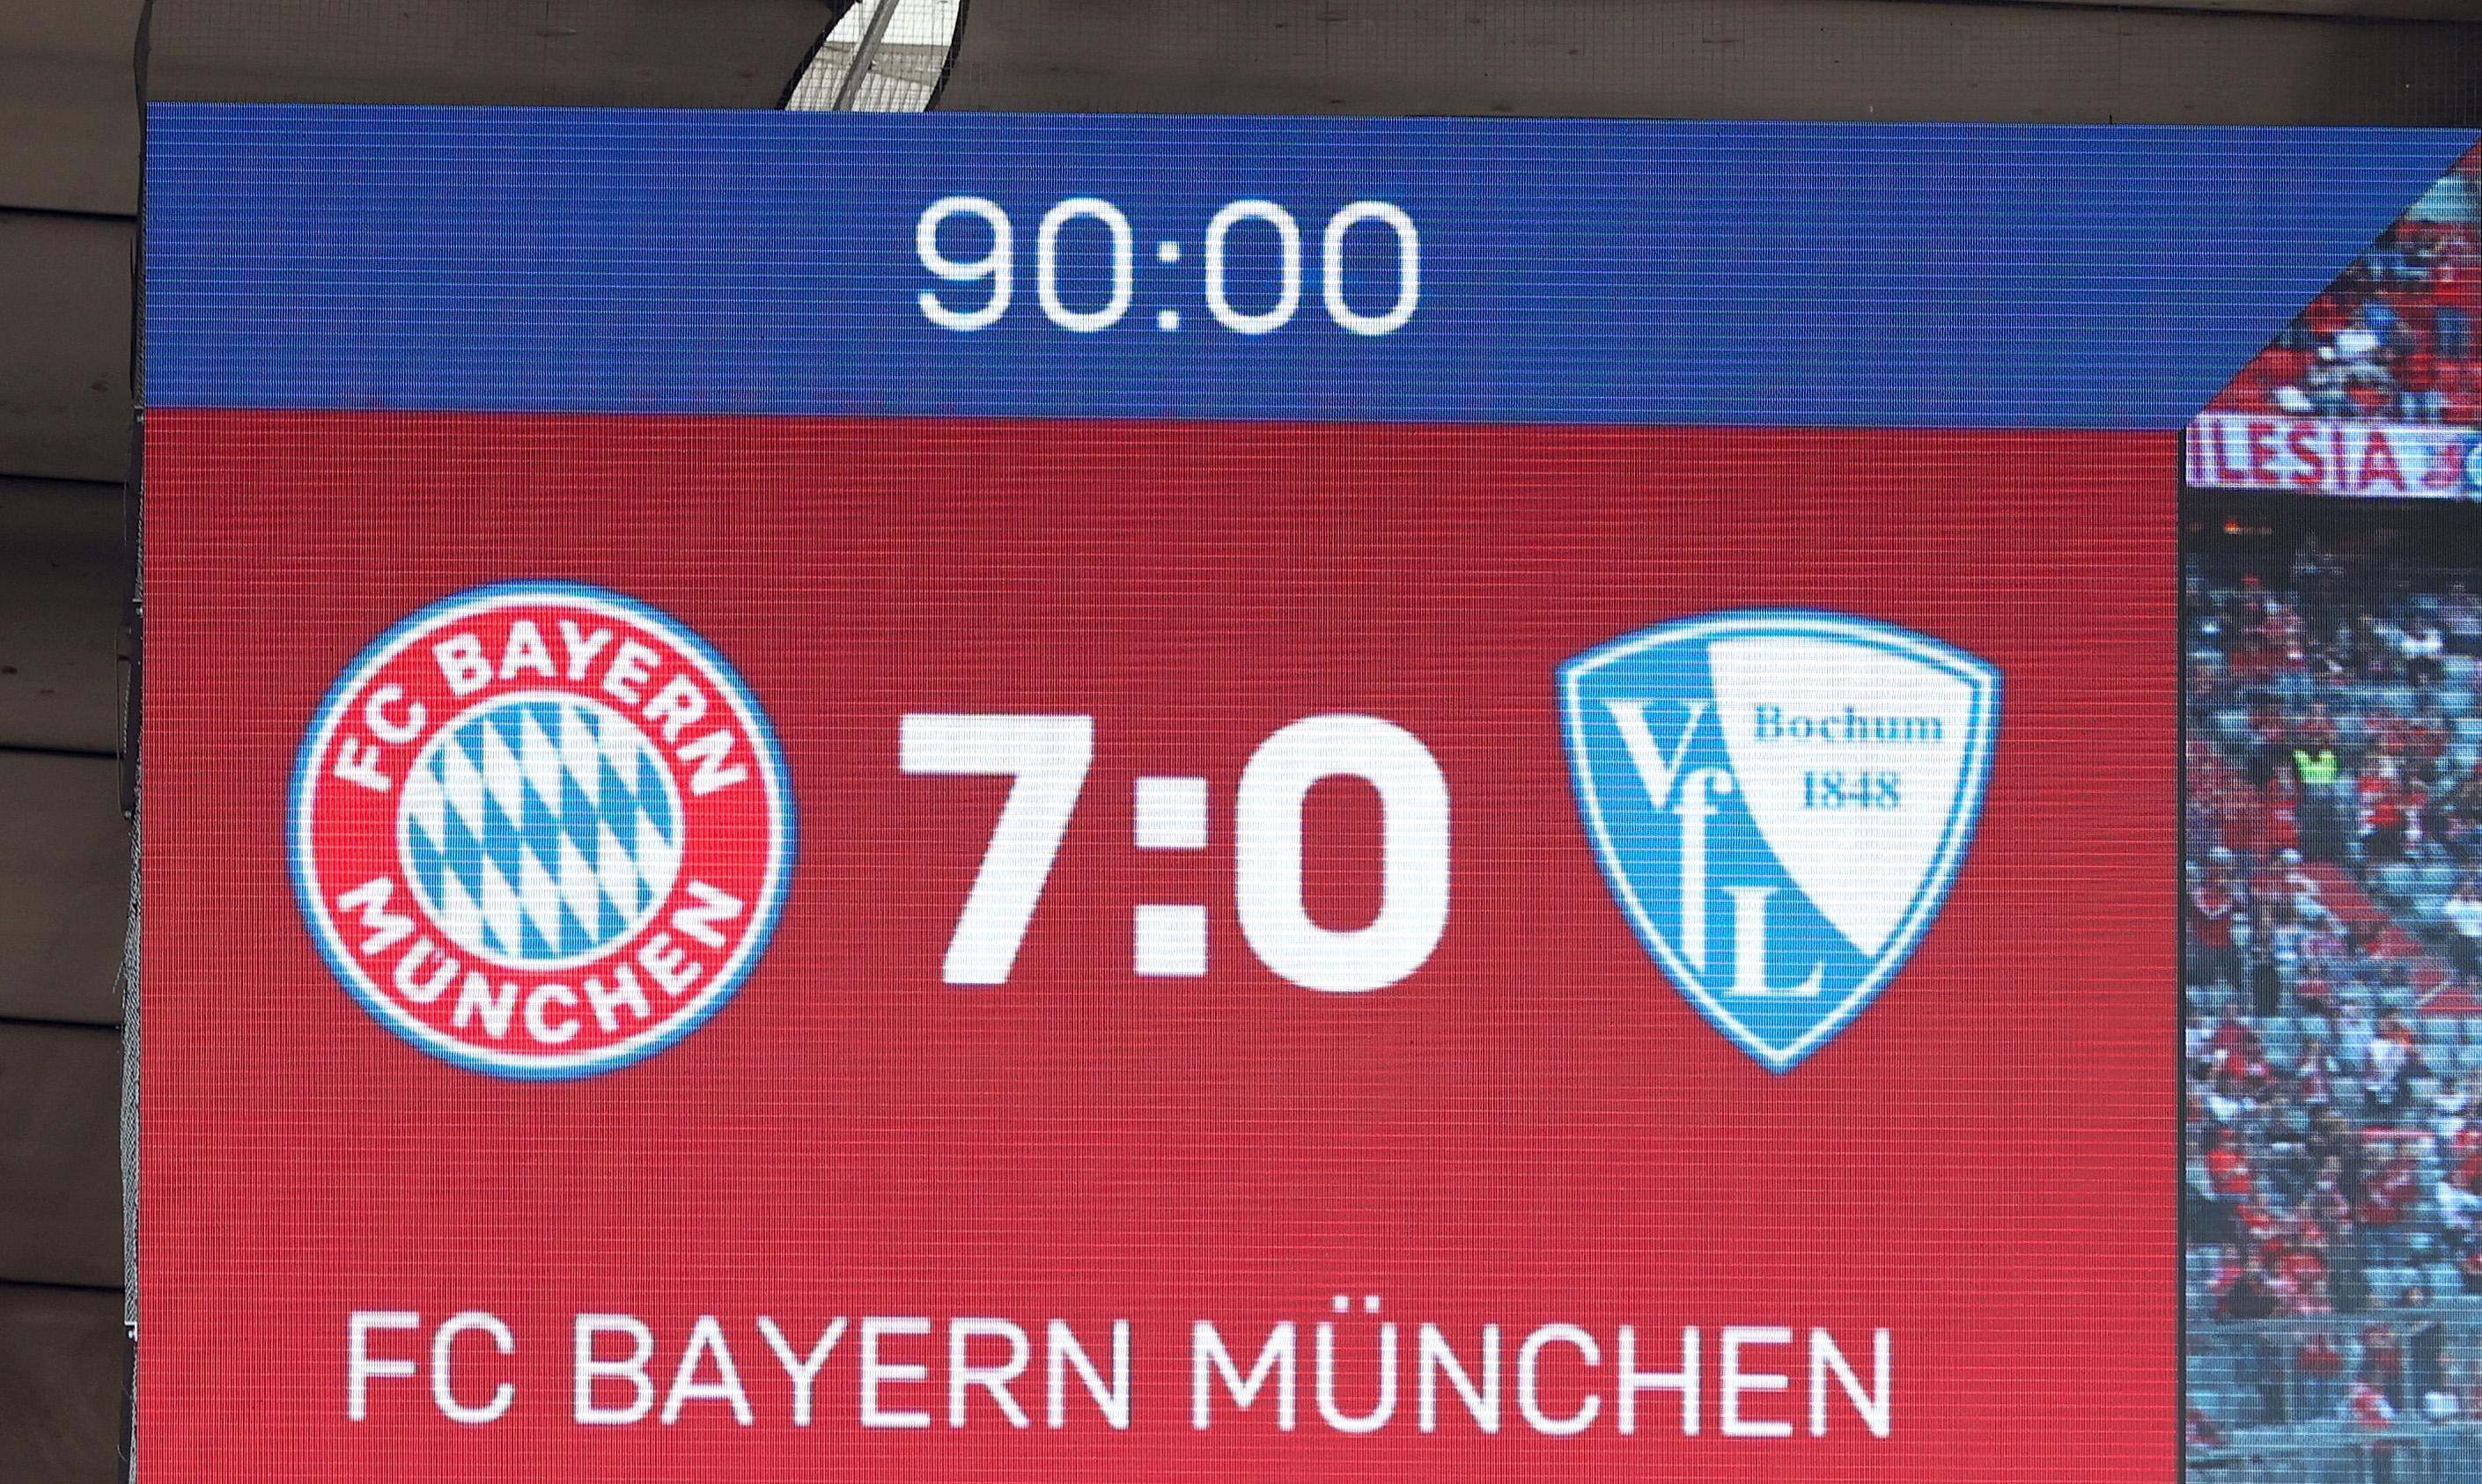 FC Bayern München v VfL Bochum - Bundesliga